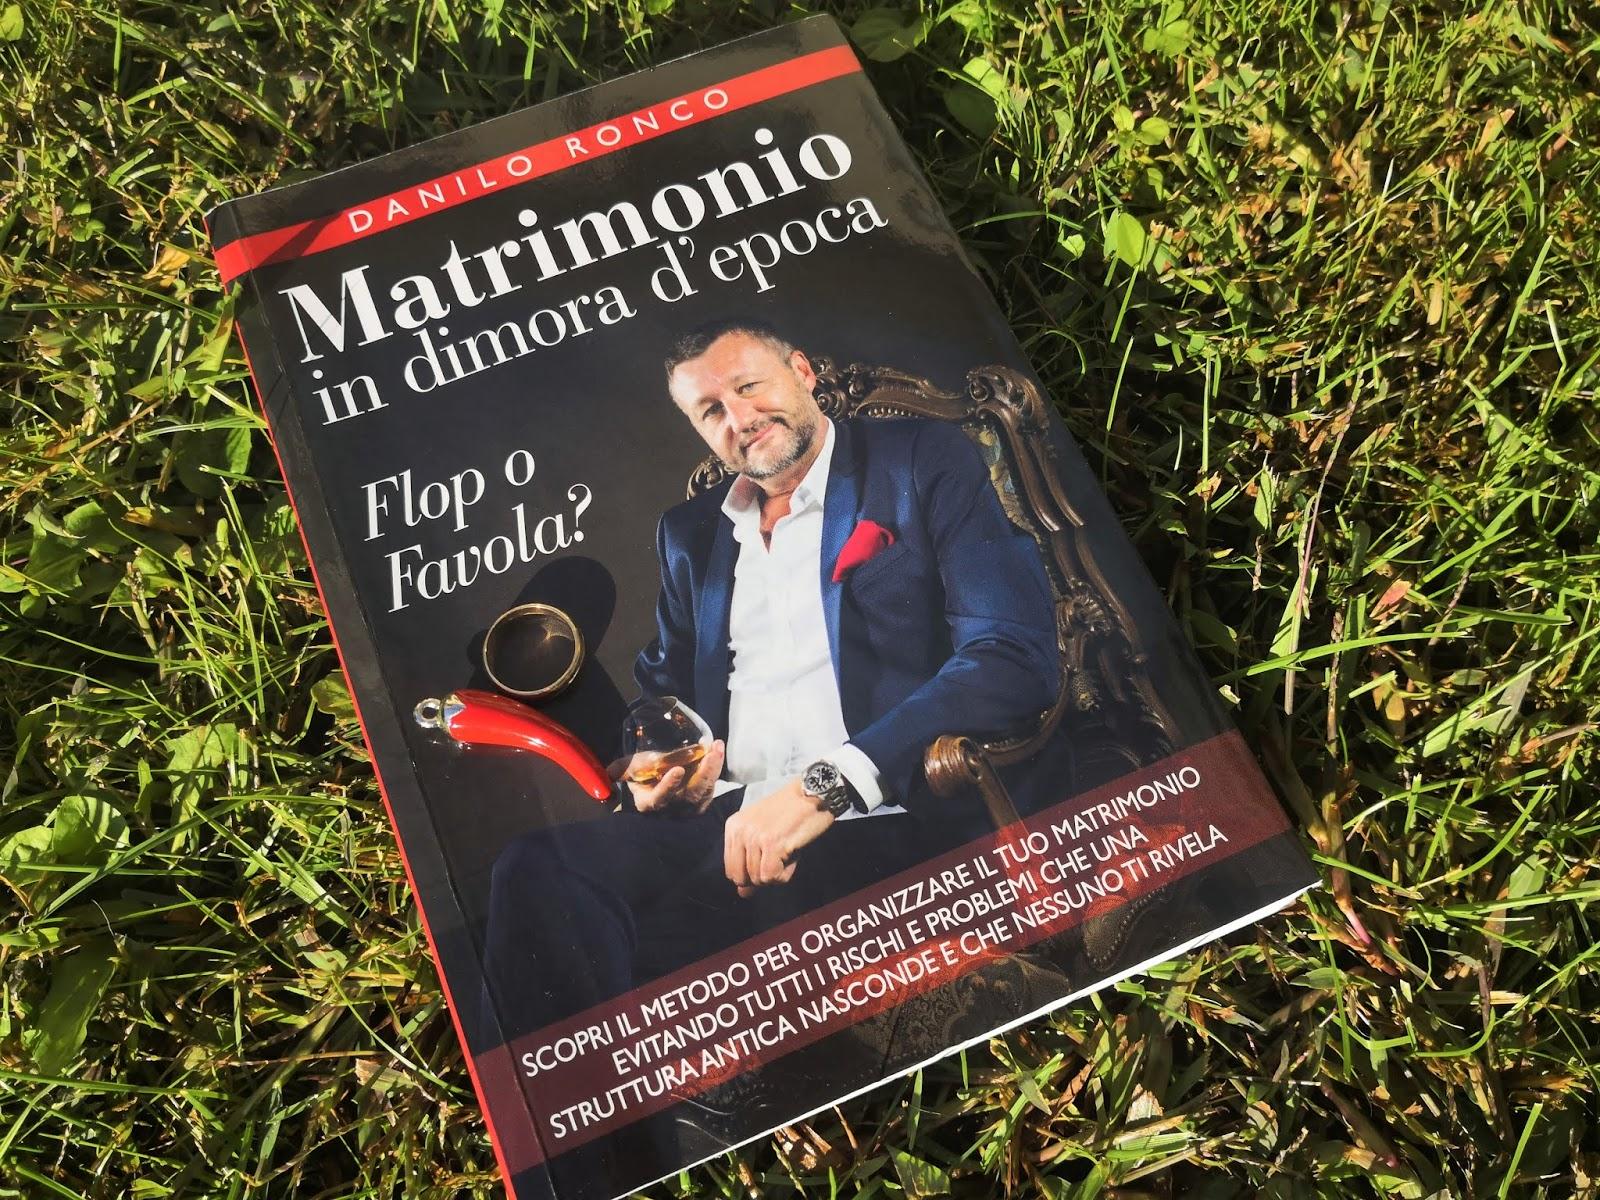 Partecipa anche tu alla presentazione del libro Matrimonio in Dimora D'Epoca Flop o Favola